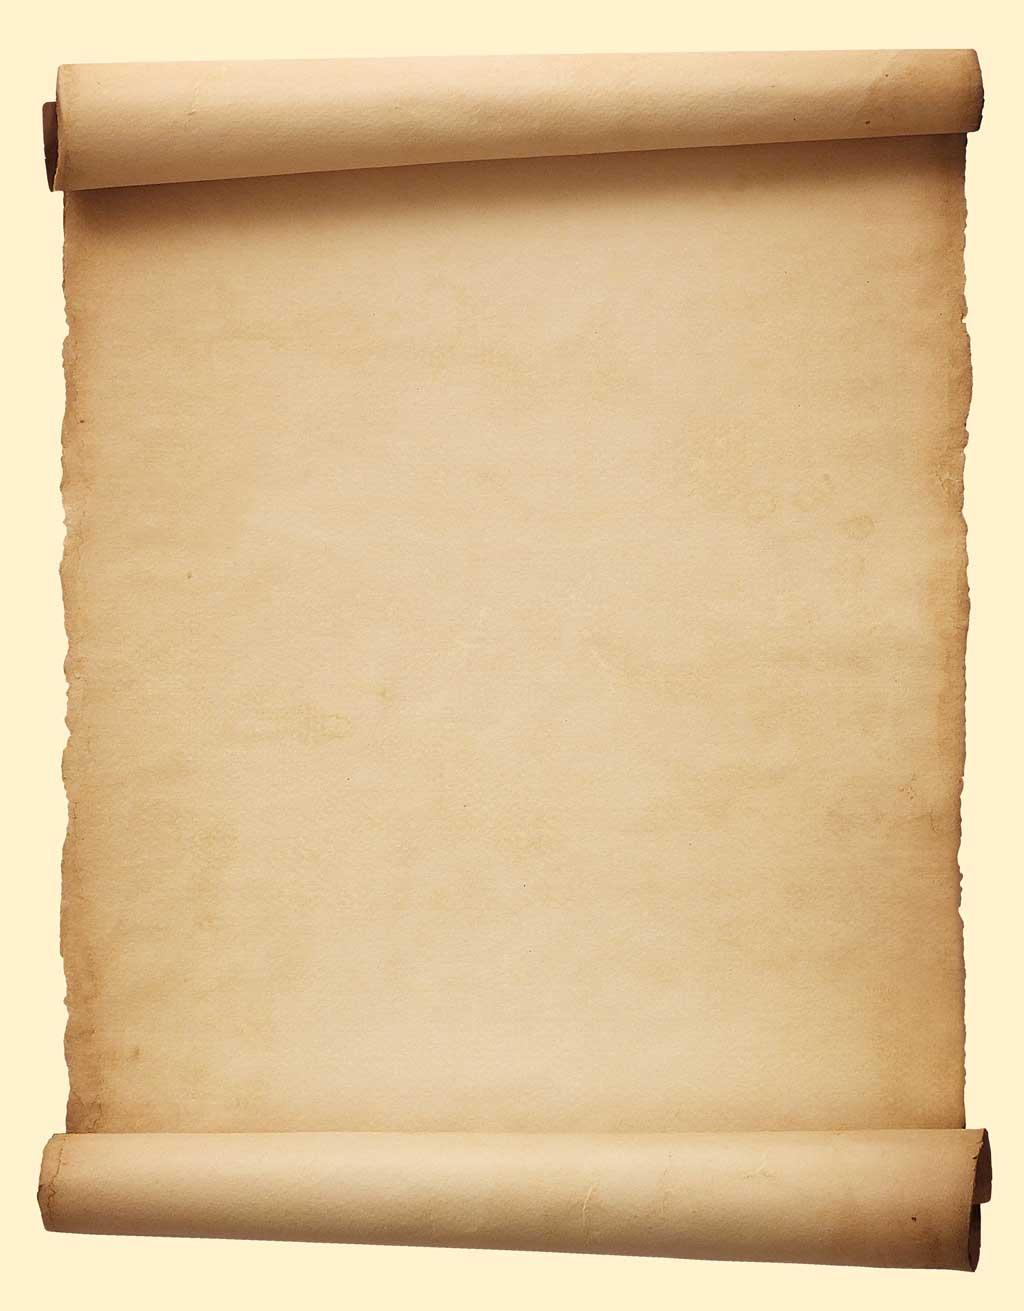 letter background images wallpapersafari 20 Lovely Letter